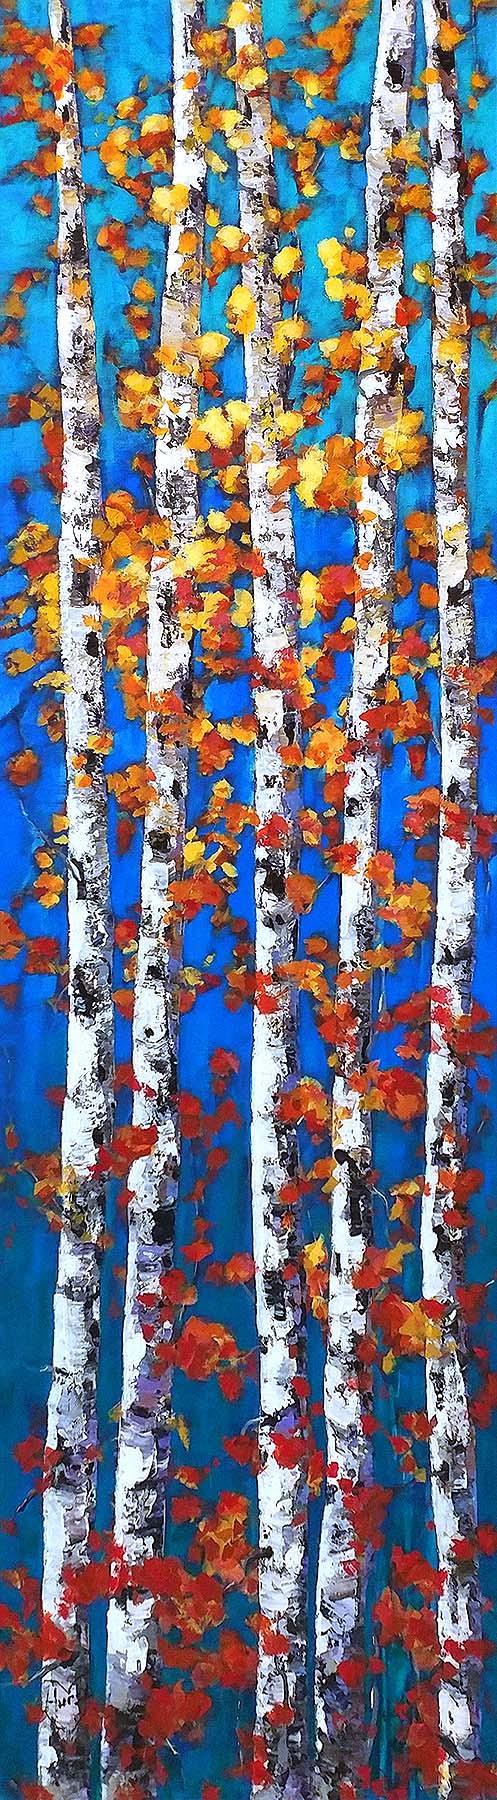 Side by Five - Marilyn Hurst